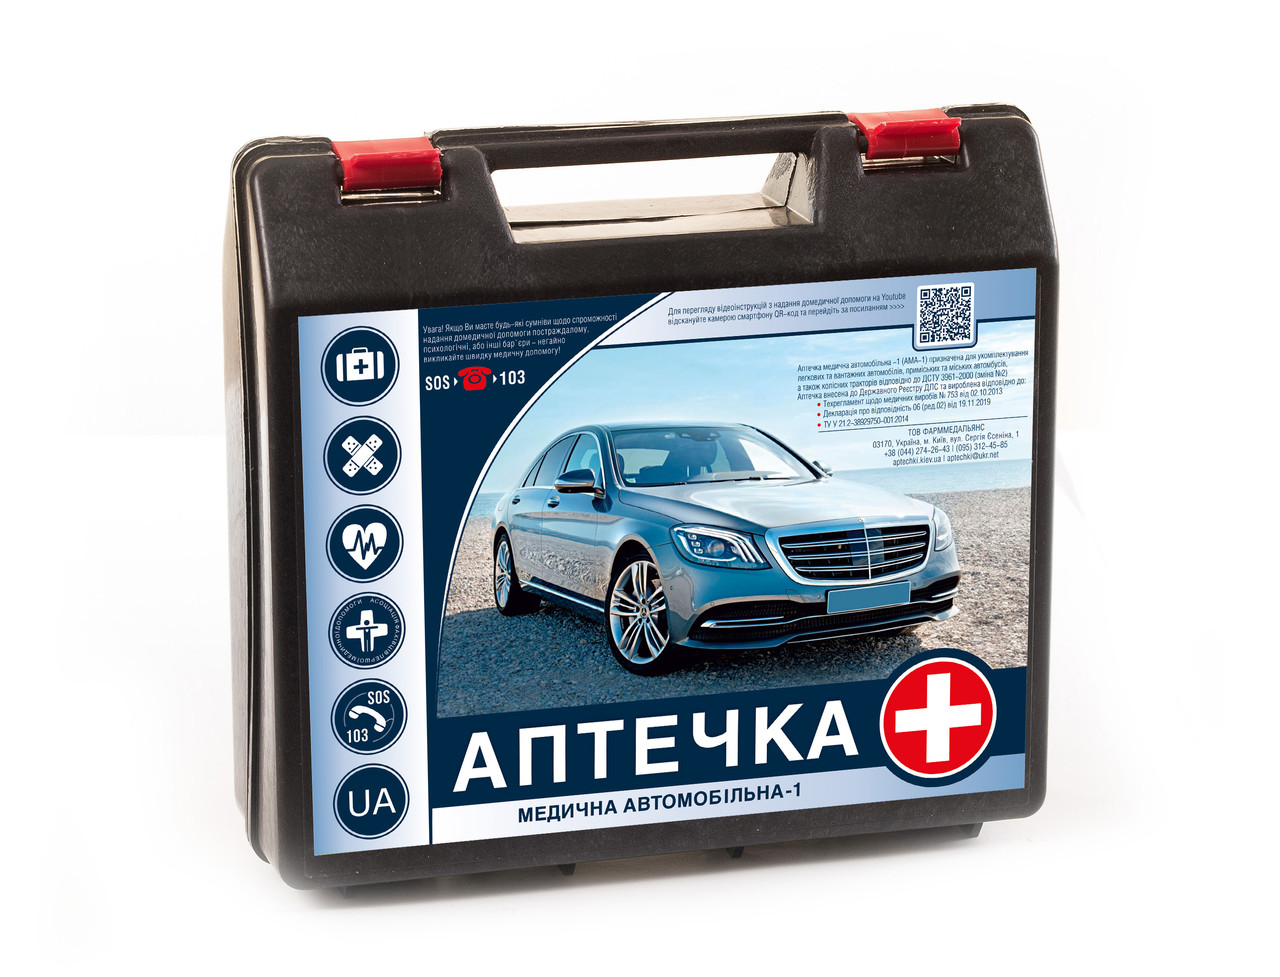 Аптечка медицинская автомобильная - 1 НС, цена с НДС